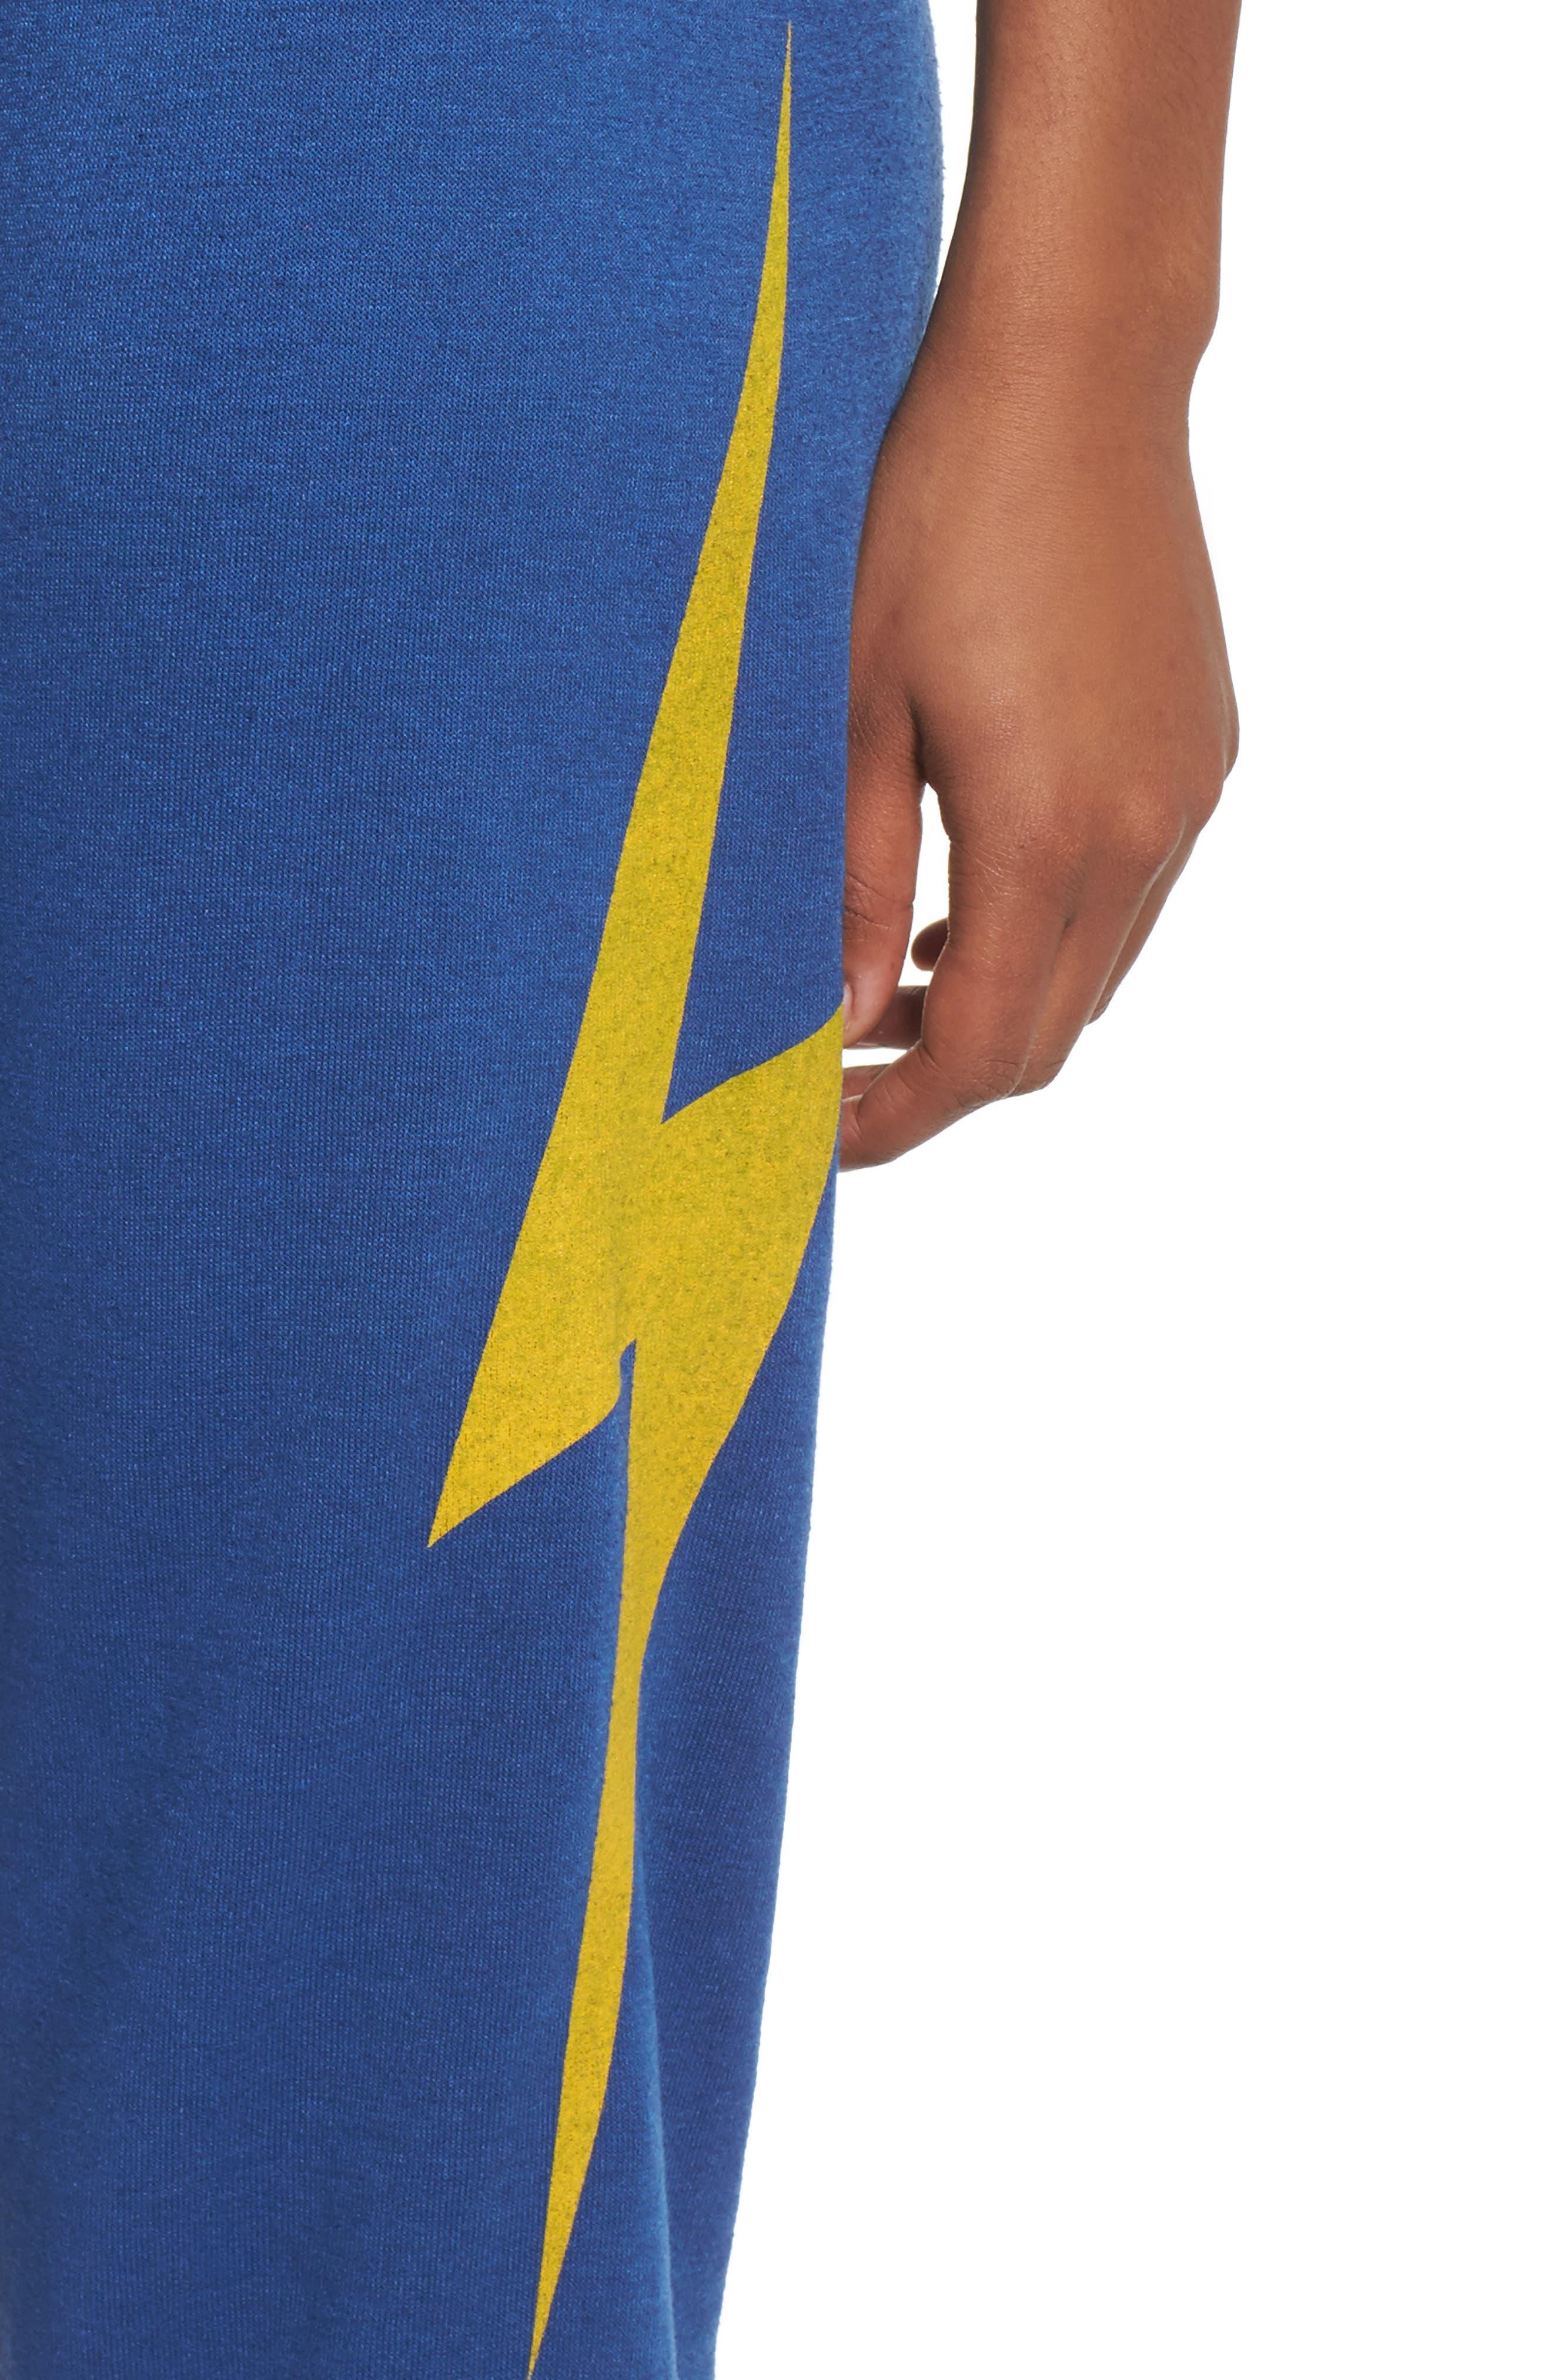 Bolt Sweatpants,                             Alternate thumbnail 11, color,